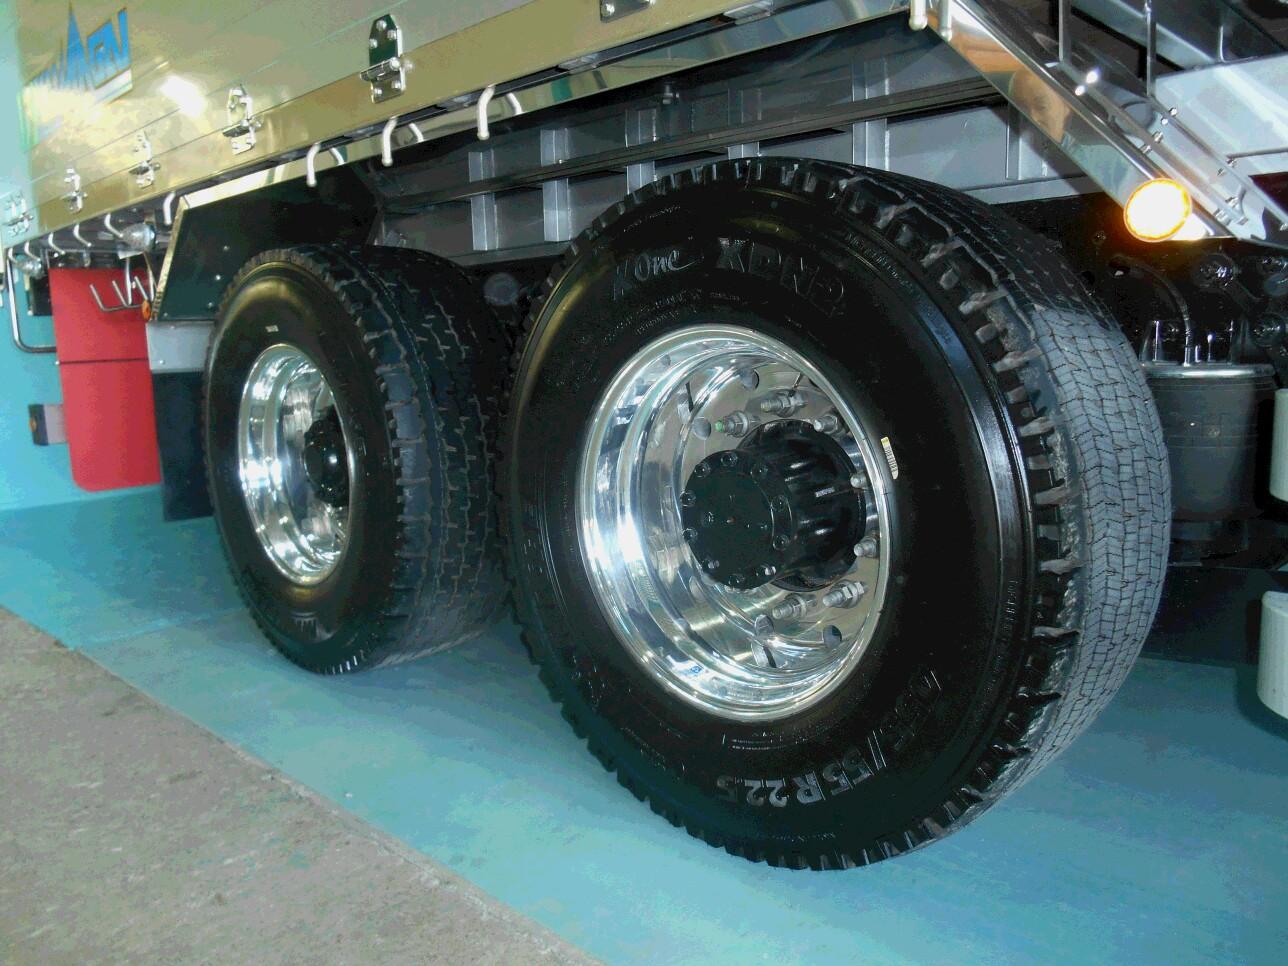 X One熊谷産業タイヤ